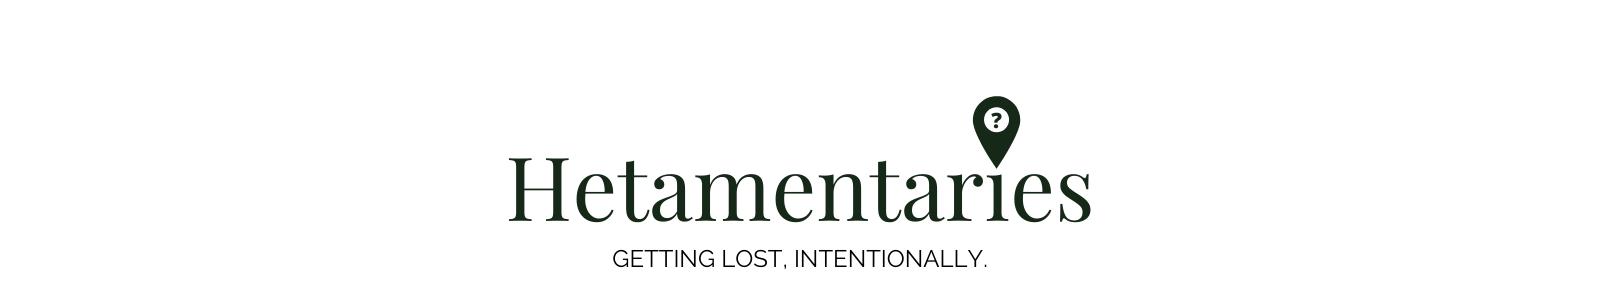 Hetamentaries